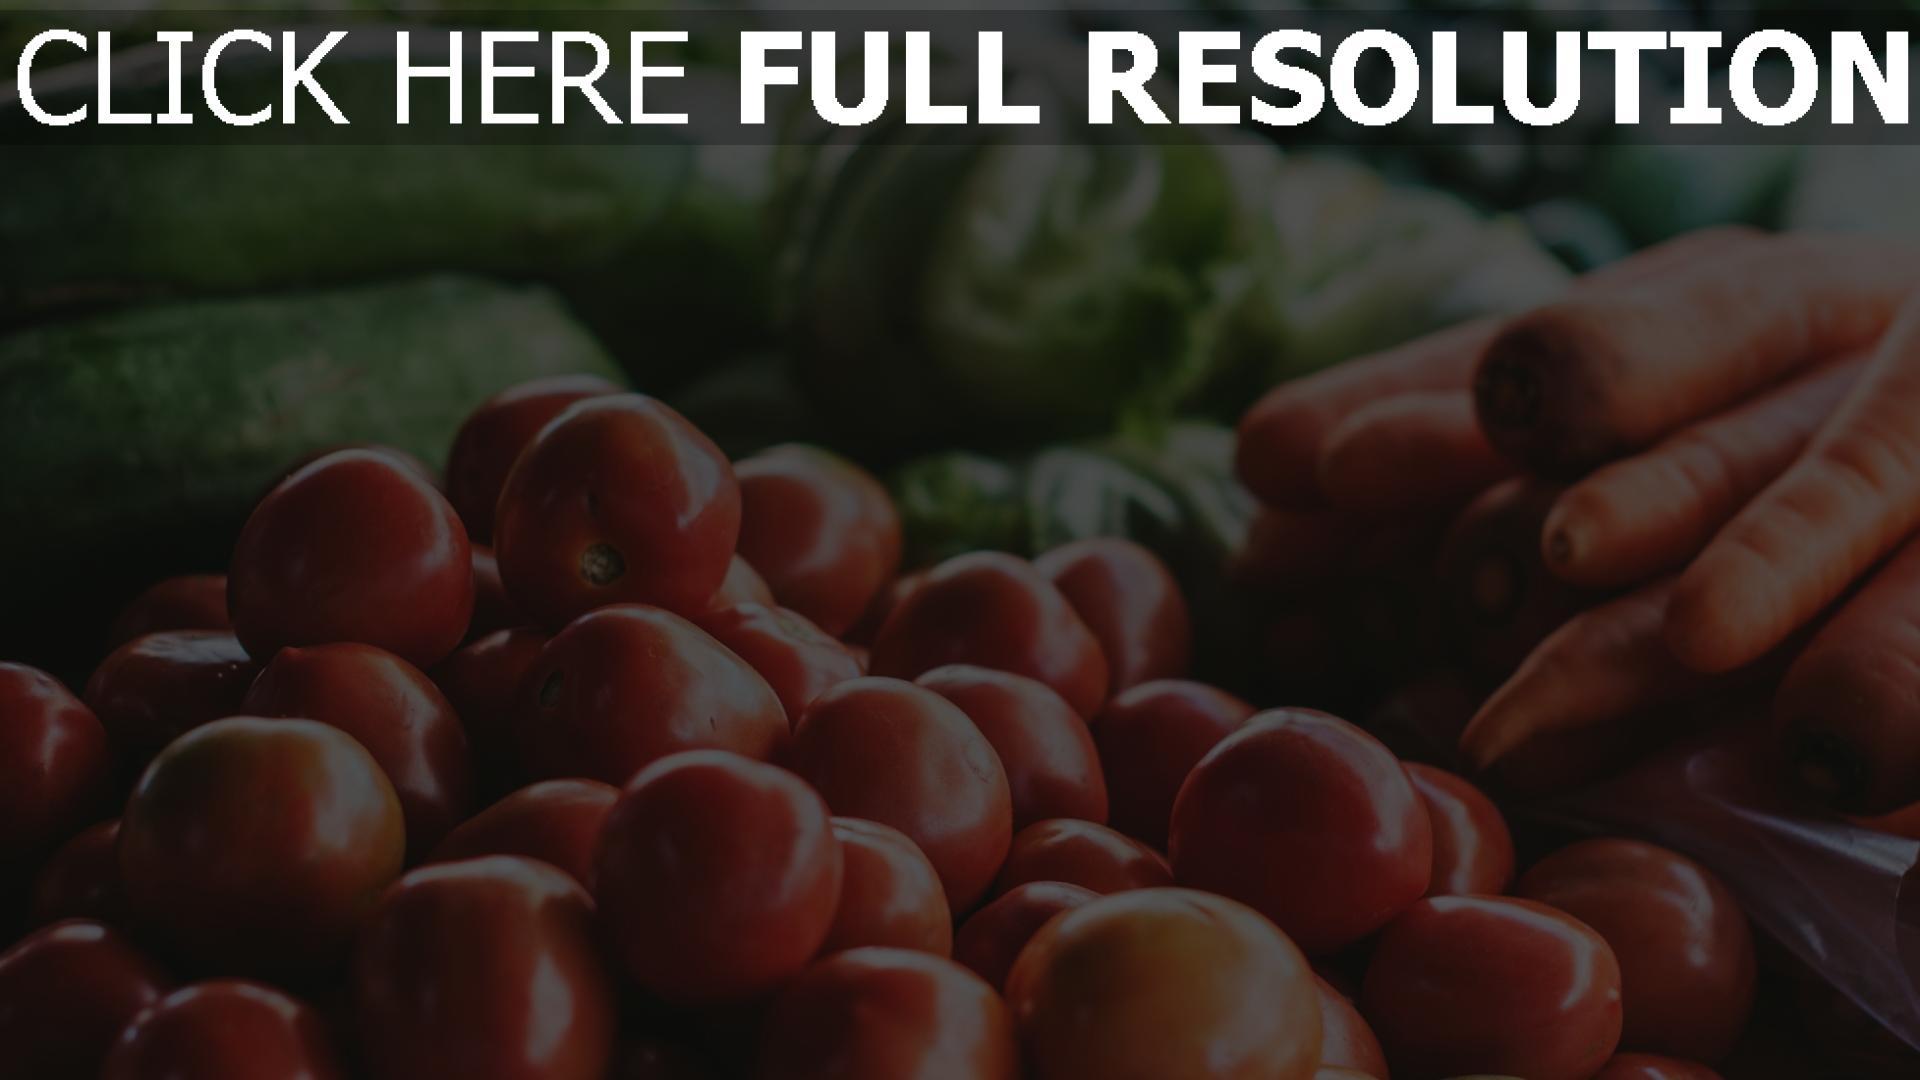 hd hintergrundbilder karotten kohl tomaten gemüse 1920x1080